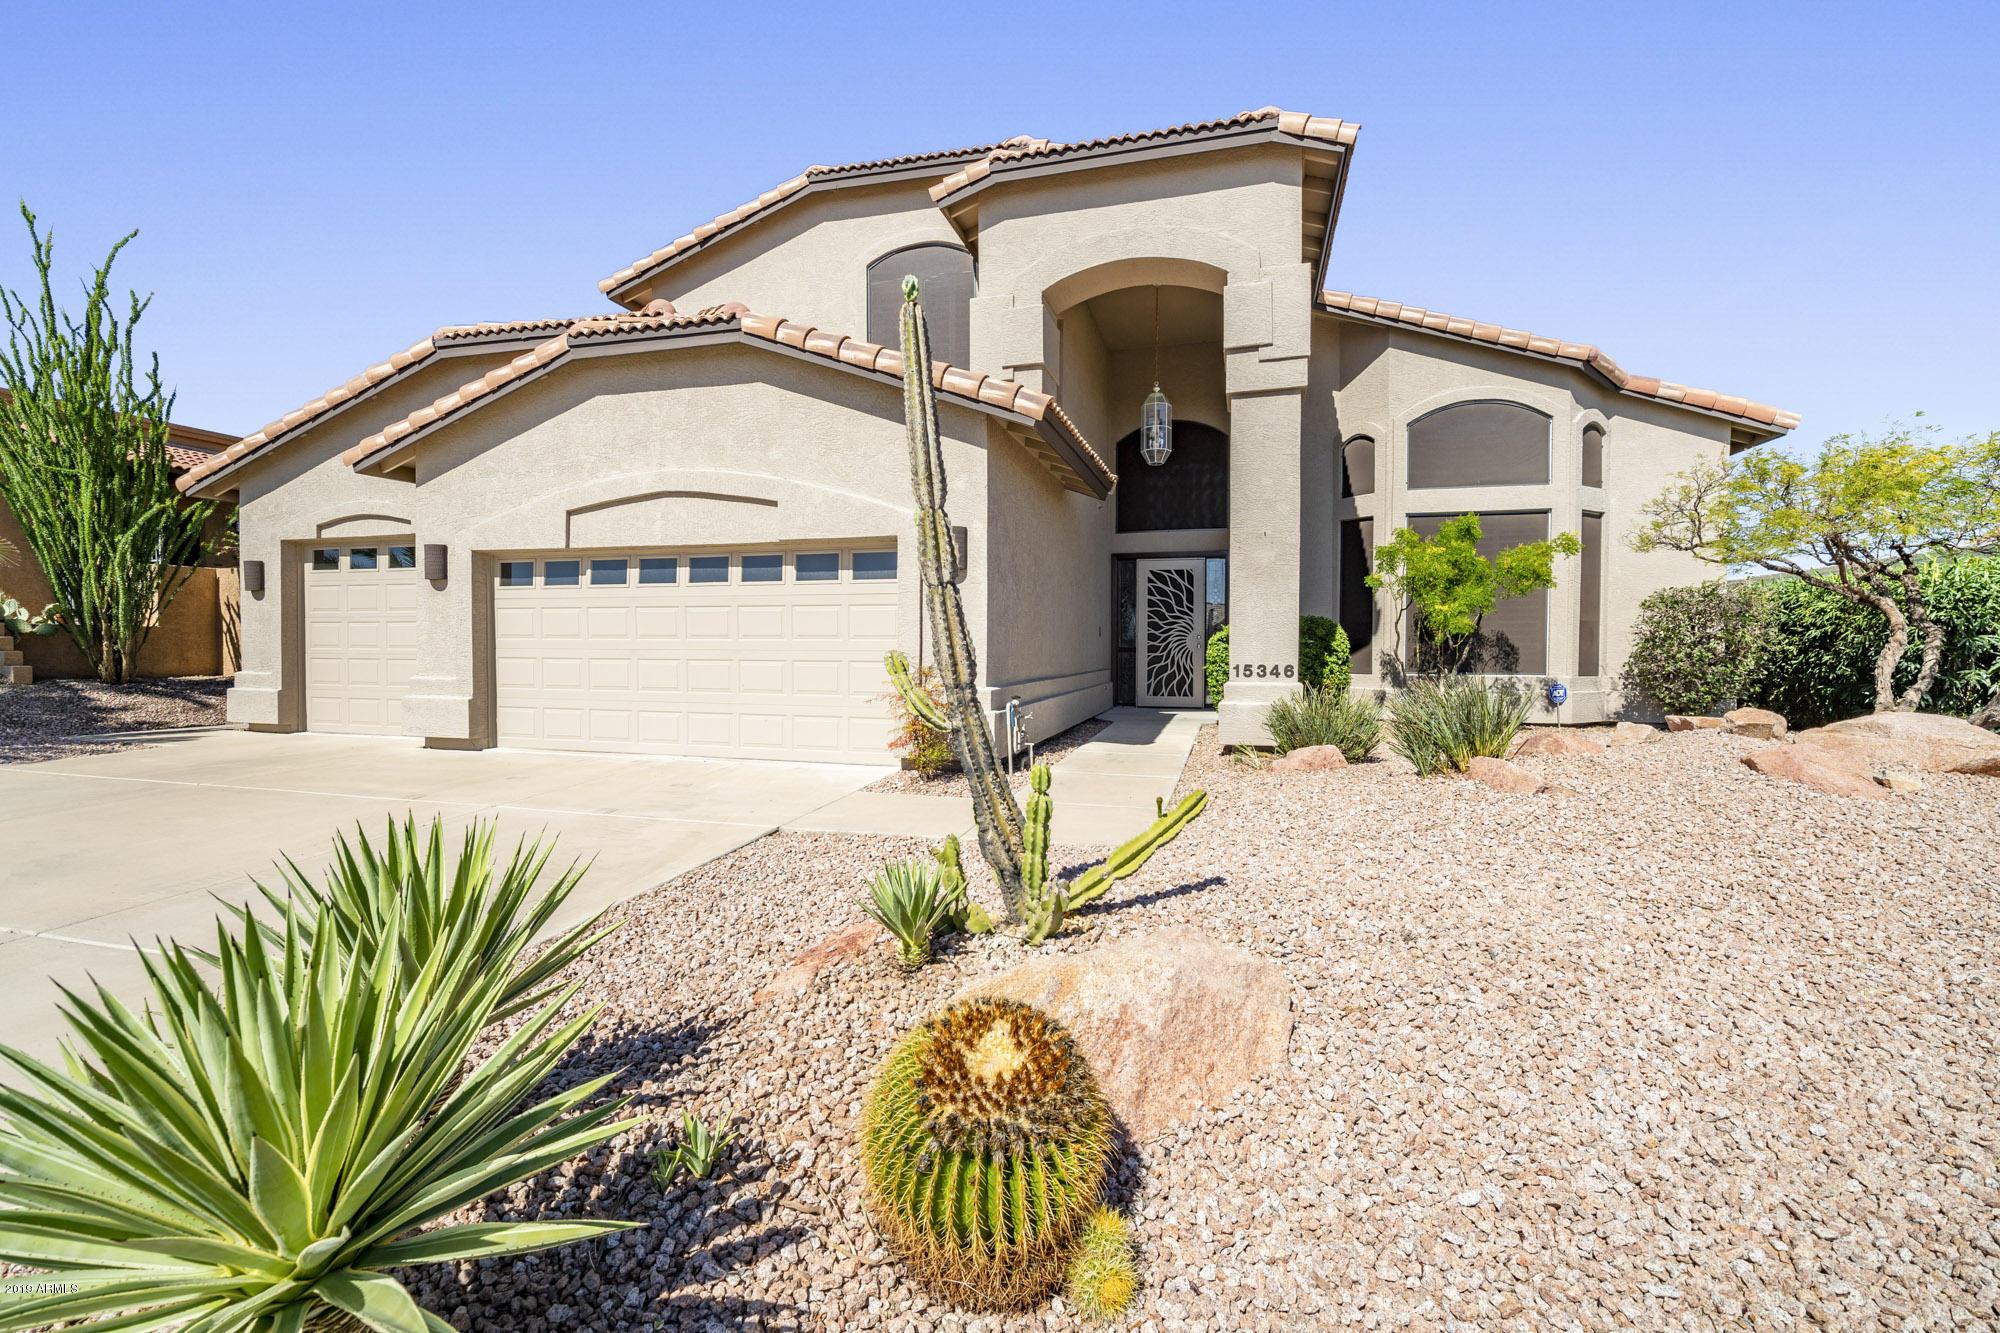 Photo of 15346 E PALOMINO Boulevard, Fountain Hills, AZ 85268